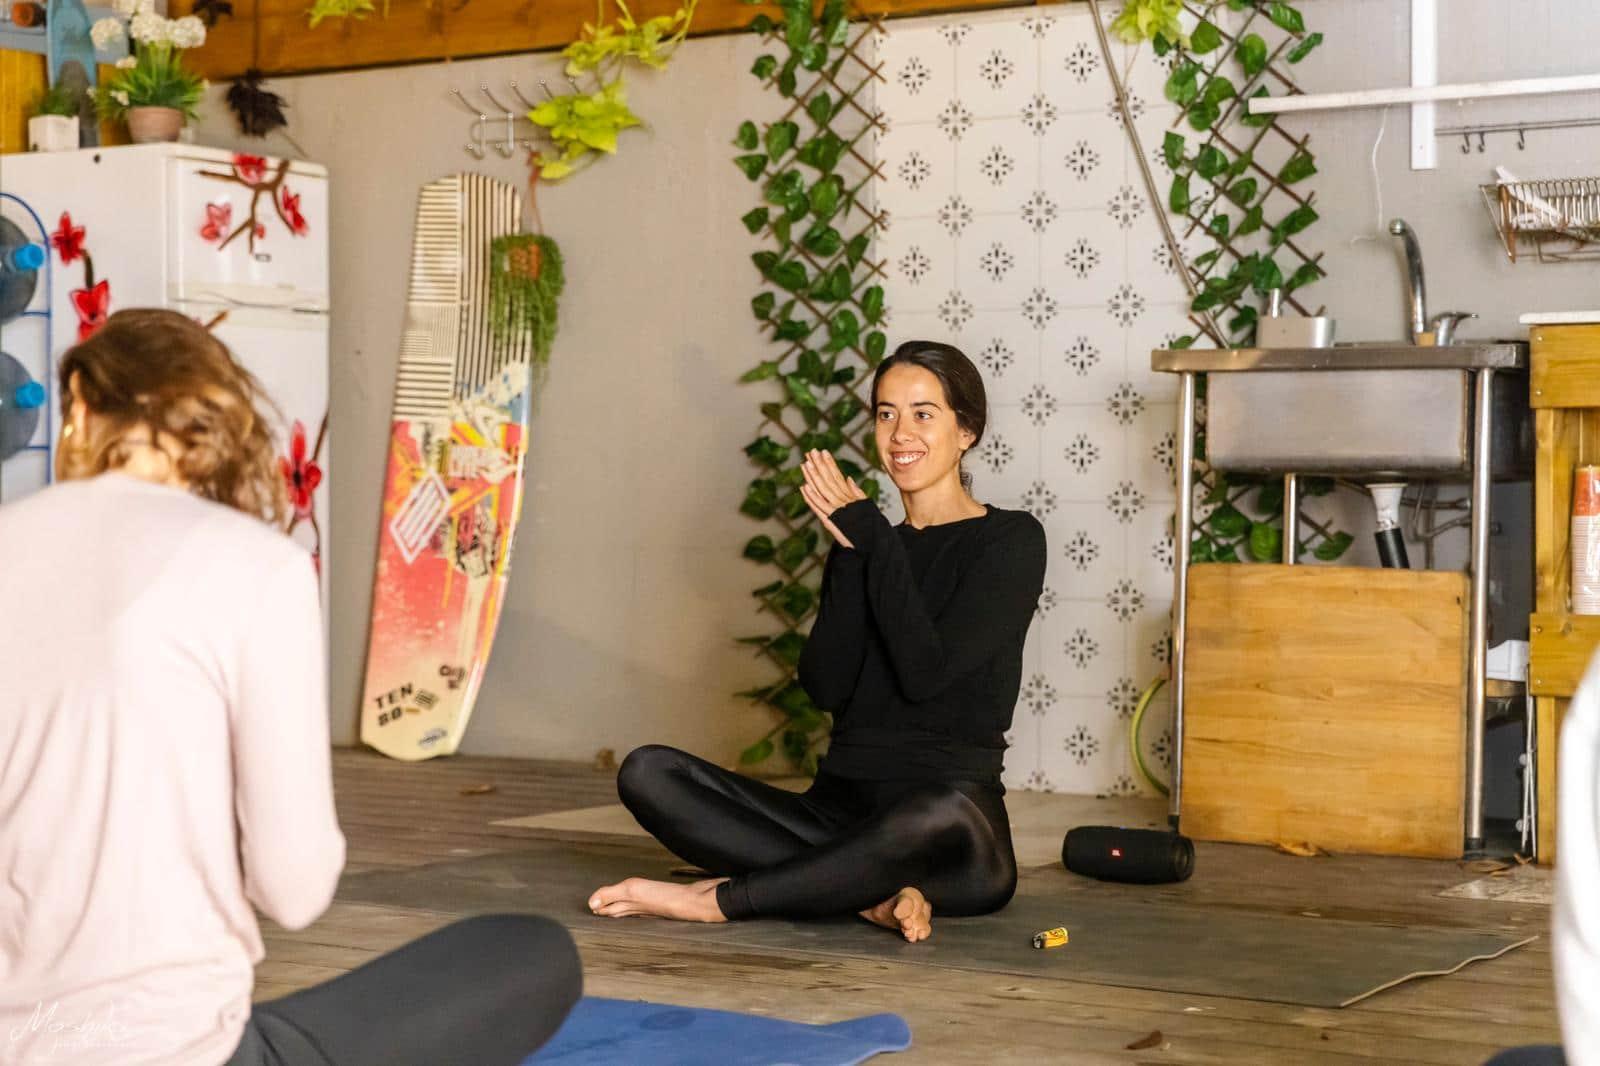 noam peretz - yoga teacher